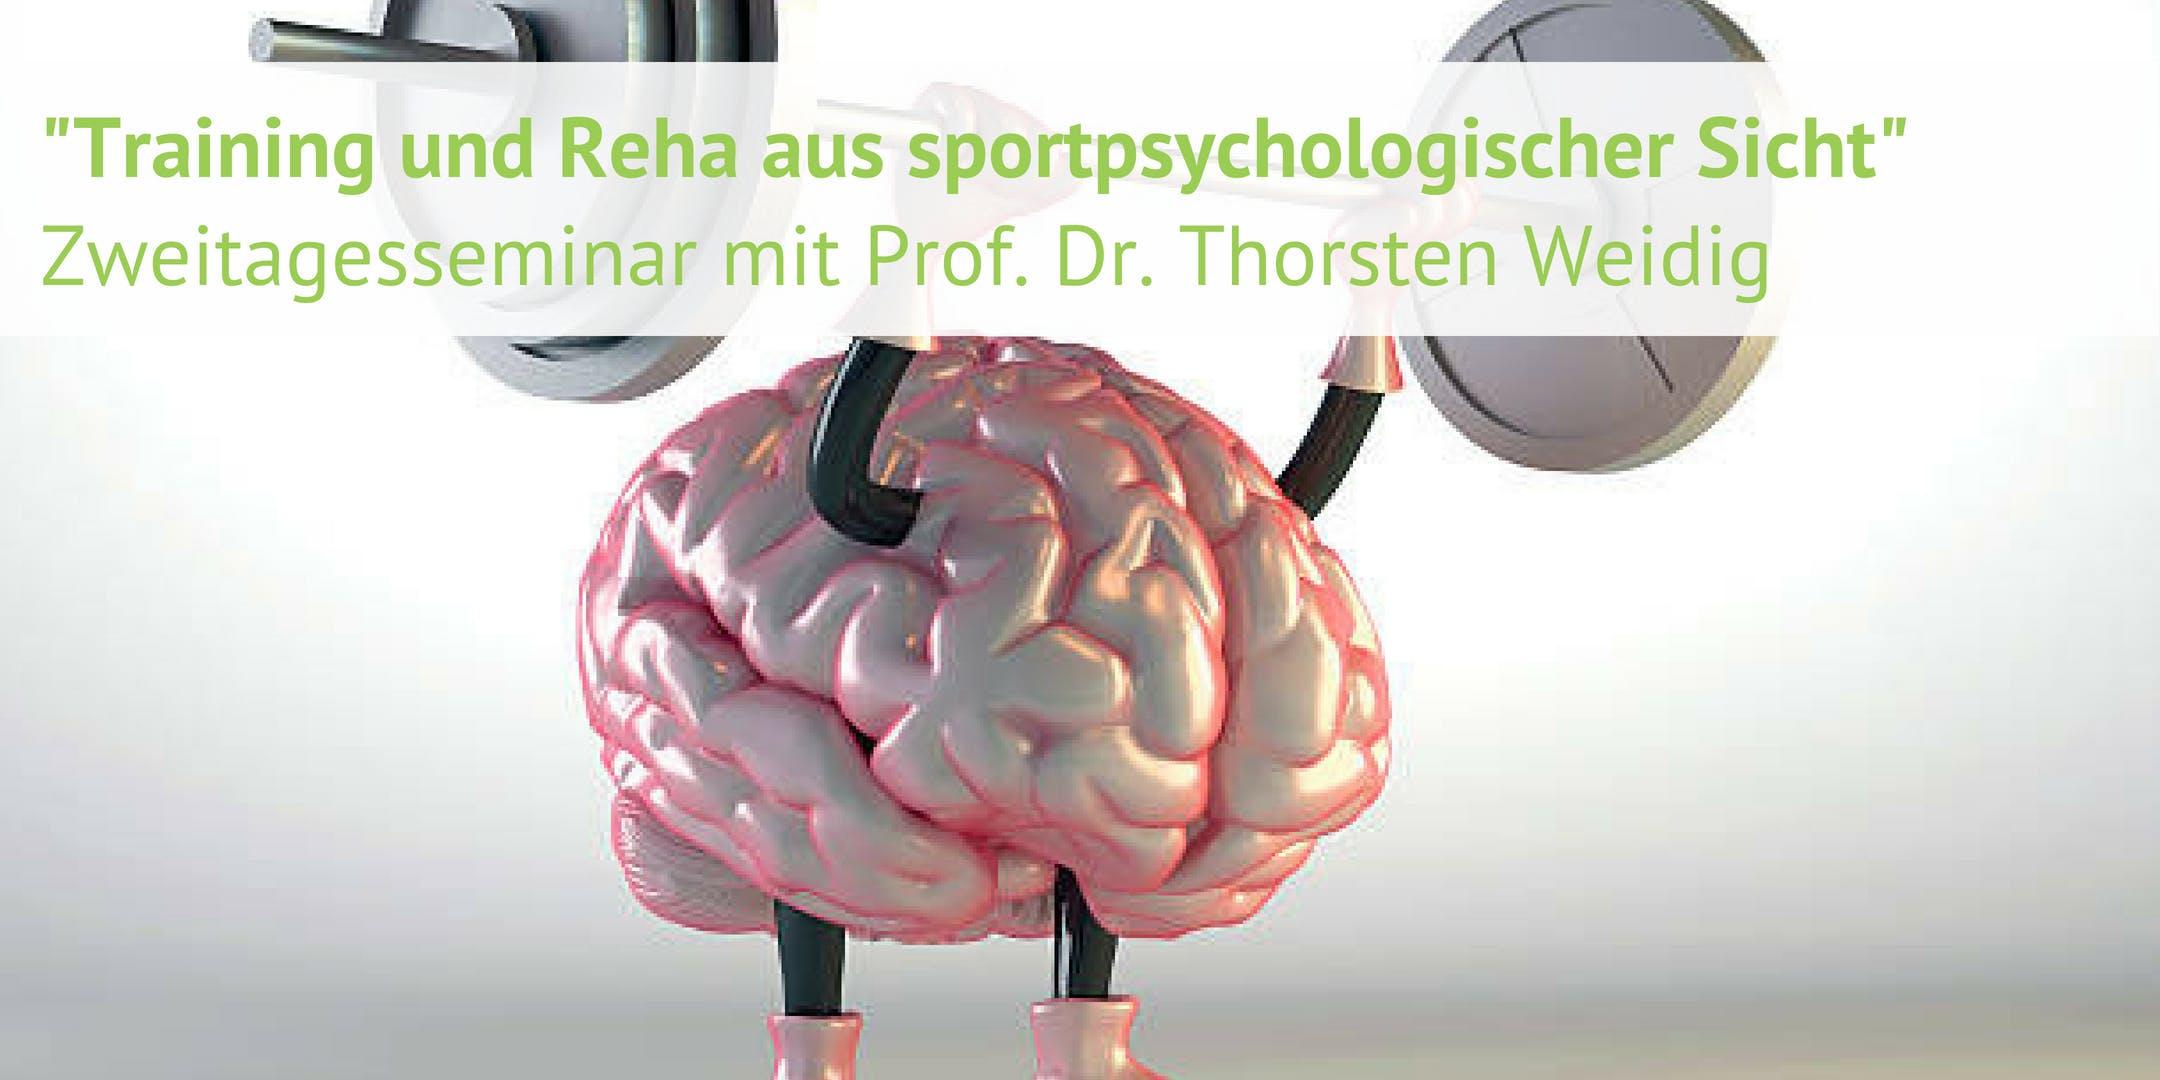 Training und Reha aus sportpsychologischer Sicht - mit Prof. Dr. Thorsten Weidig